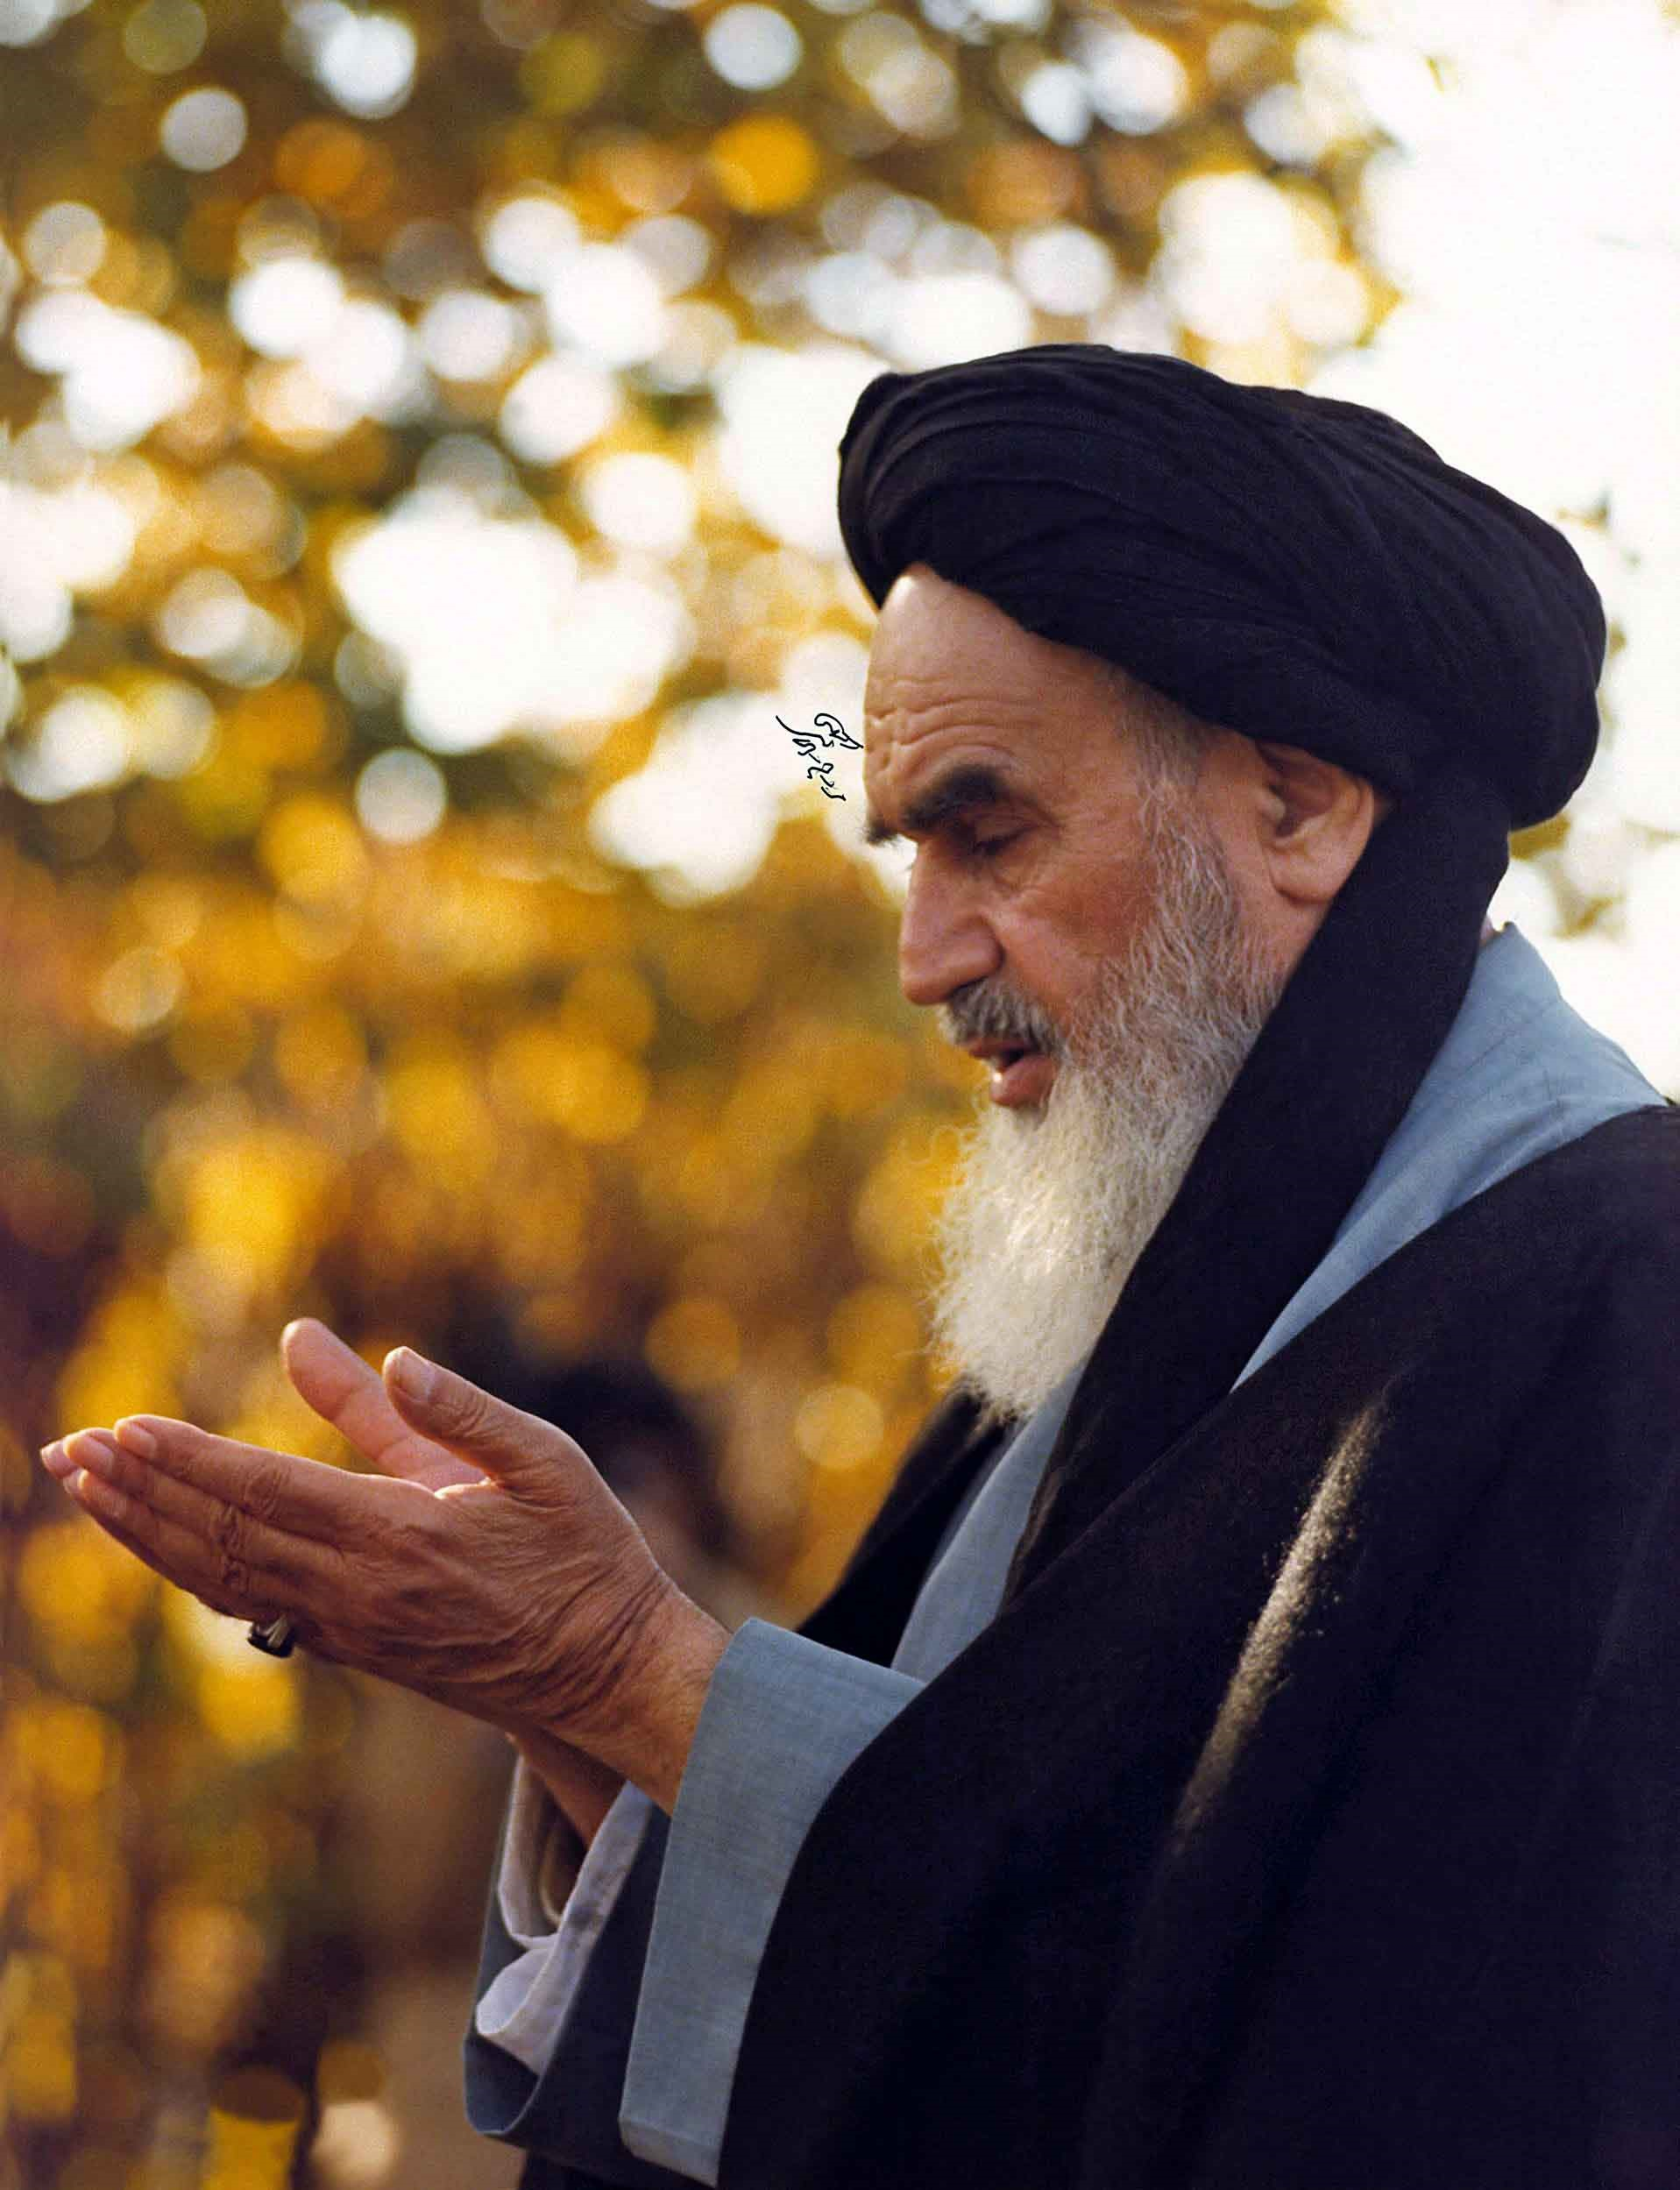 تصاویر | پرترههای مشهور از حضرت امام خمینی(ره)